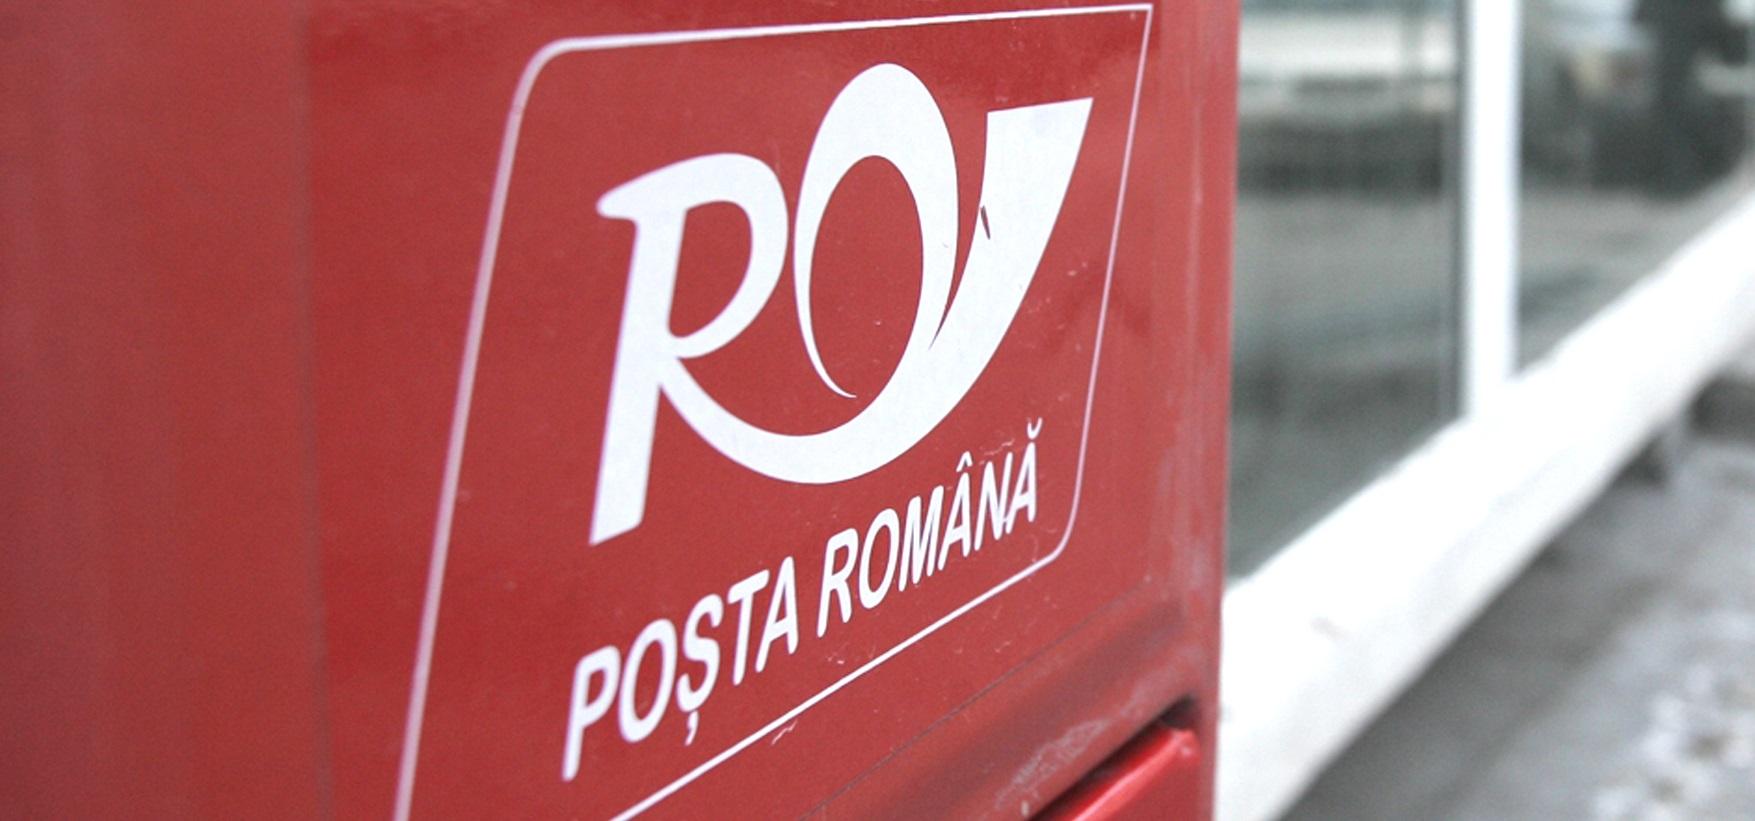 Poșta Română a anunțat că angajații afectați de concedierea colectivă vor primi salarii compensatorii. Disponibilizarea vizează sectorul administrativ.